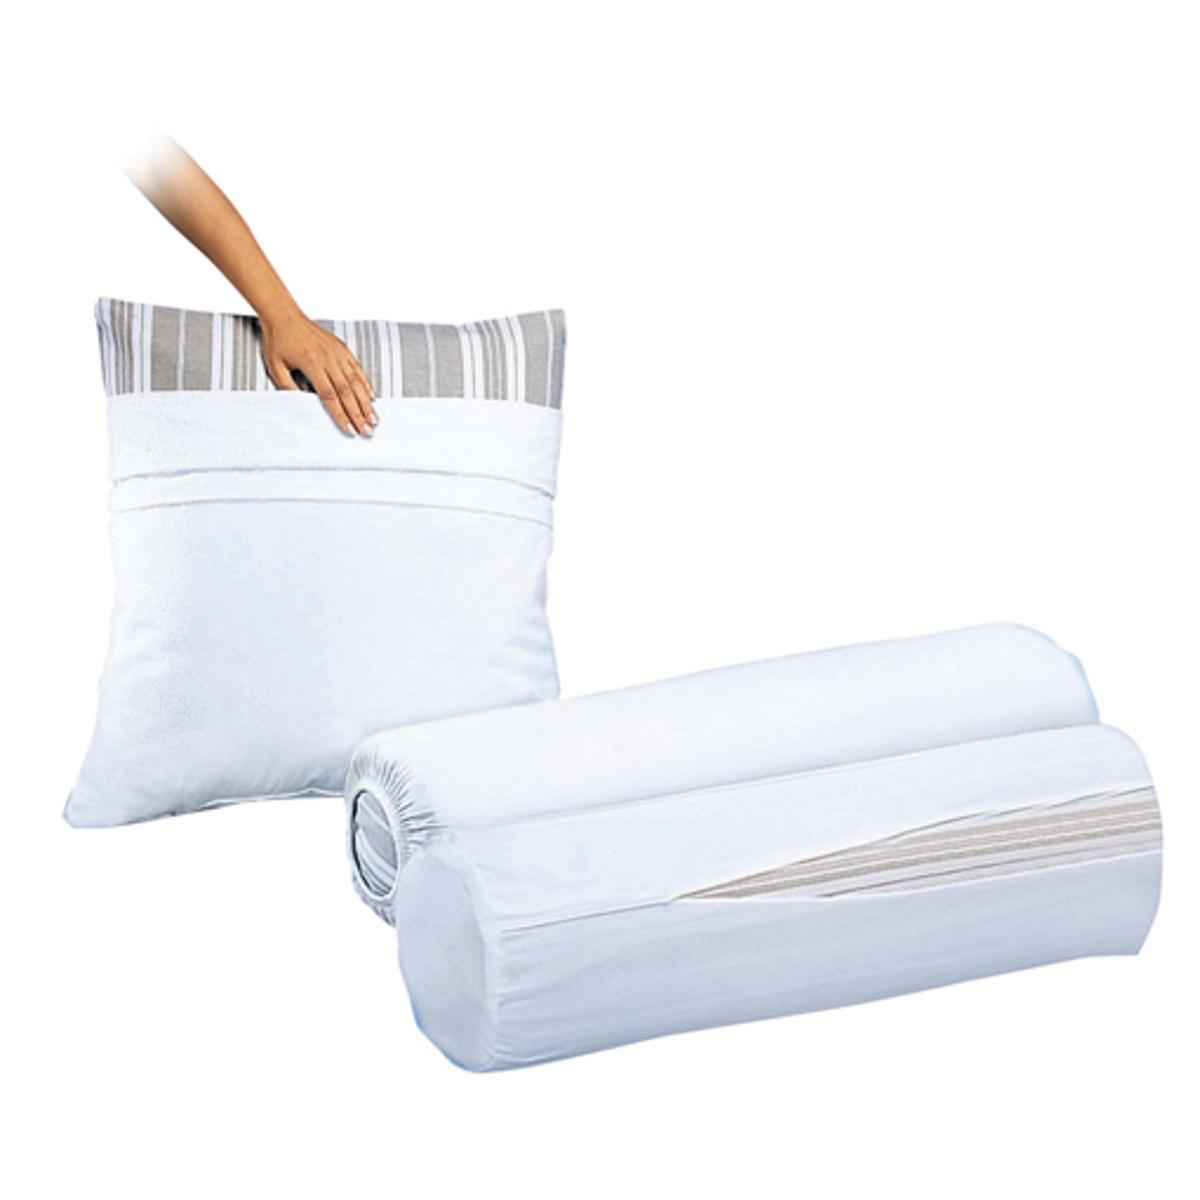 Чехол защитный на подушку-валик из махровой ткани, 100% хлопокЗащитный чехол на подушку-валик из махровой ткани, 100% плотный хлопок, идеальный для защиты подушки-валика! Эластичные края. Машинная стирка при 60 °С.<br><br>Цвет: белый